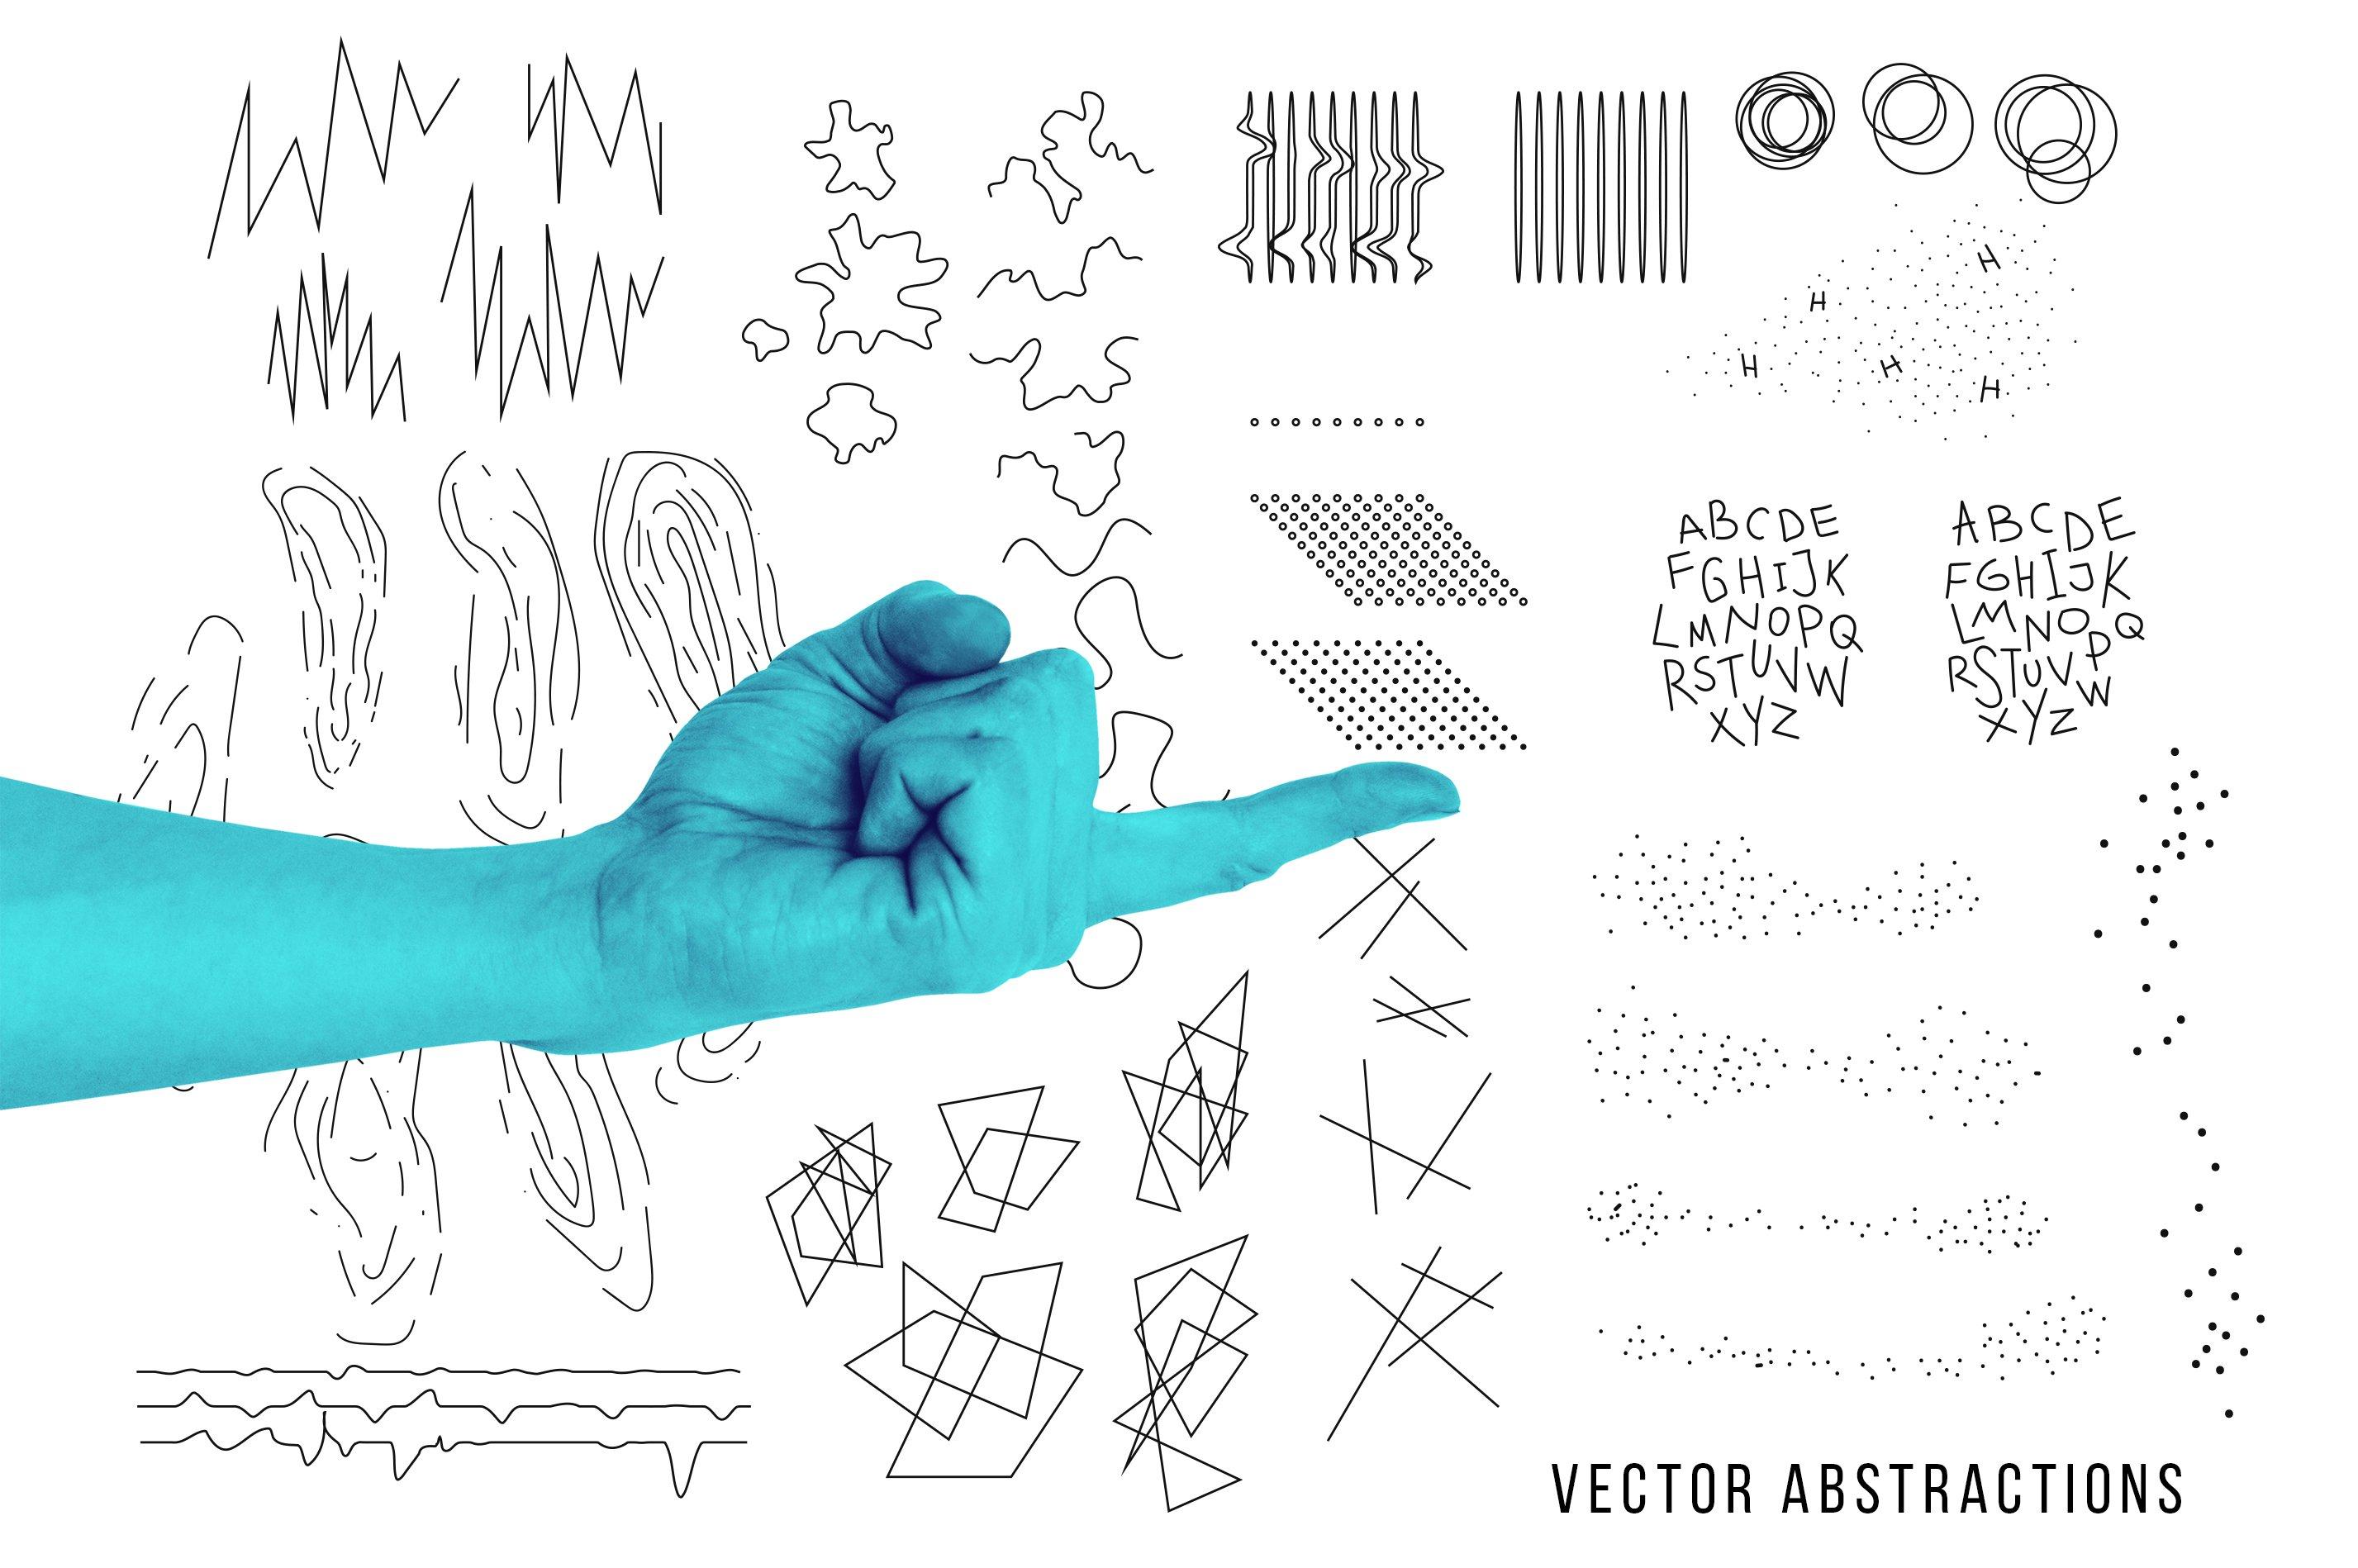 [淘宝购买] 抽象手绘矢量图形手势图片平面海报设计素材集合 Abstract Hands Pattern插图(6)